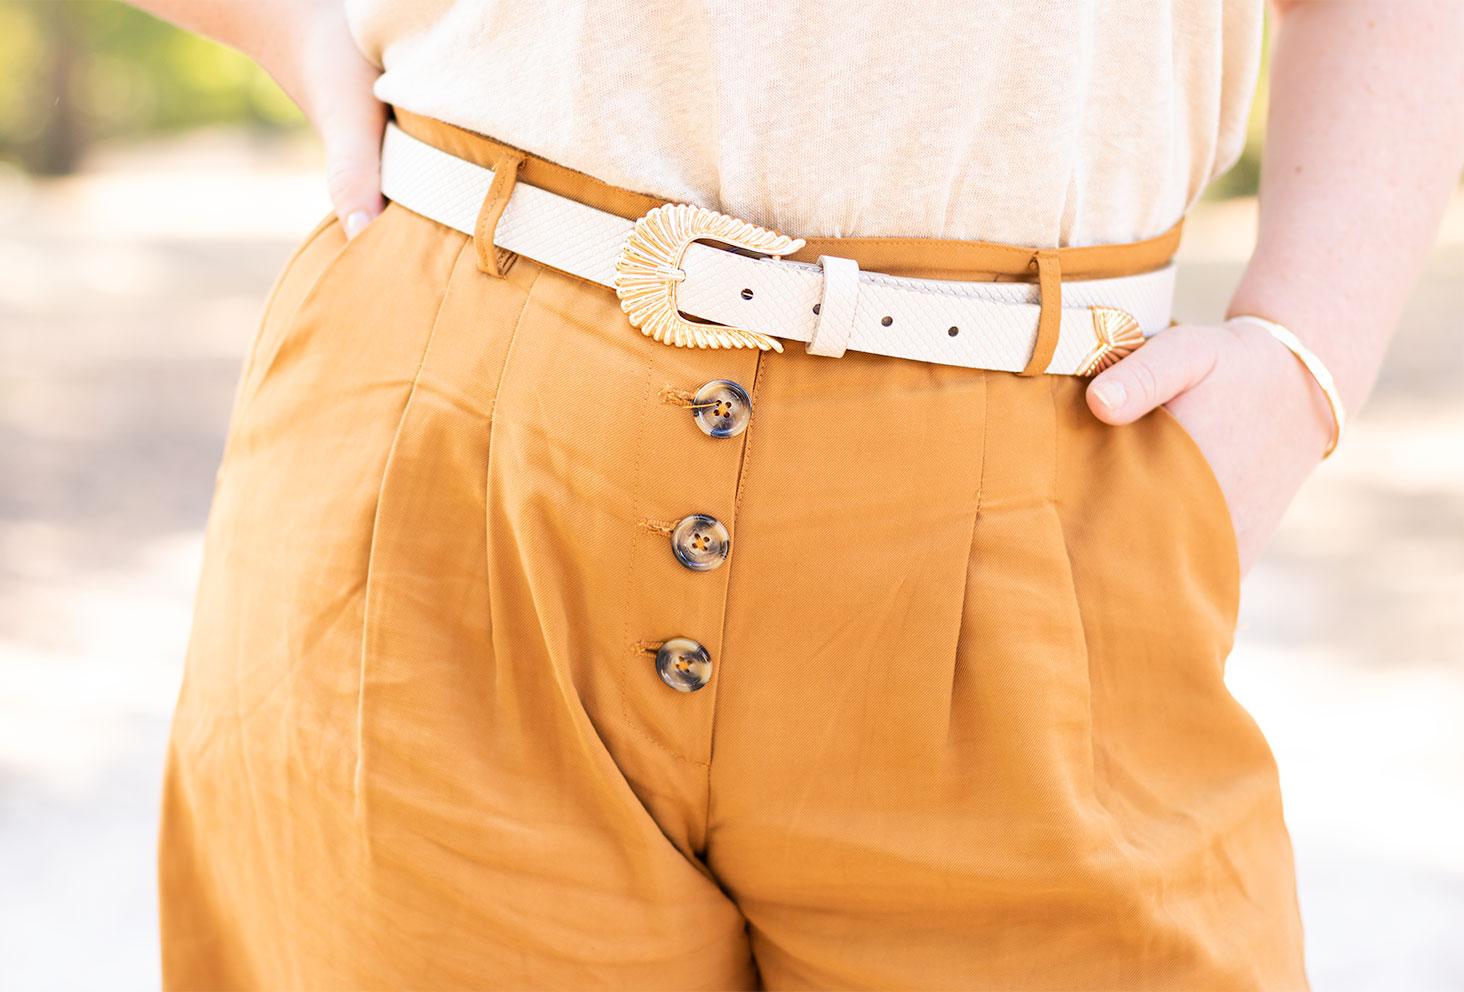 Zoom sur la ceinture beige effet croco porté sur un pantalon camel, un t-shirt beige fluide rentré dans le pantalon